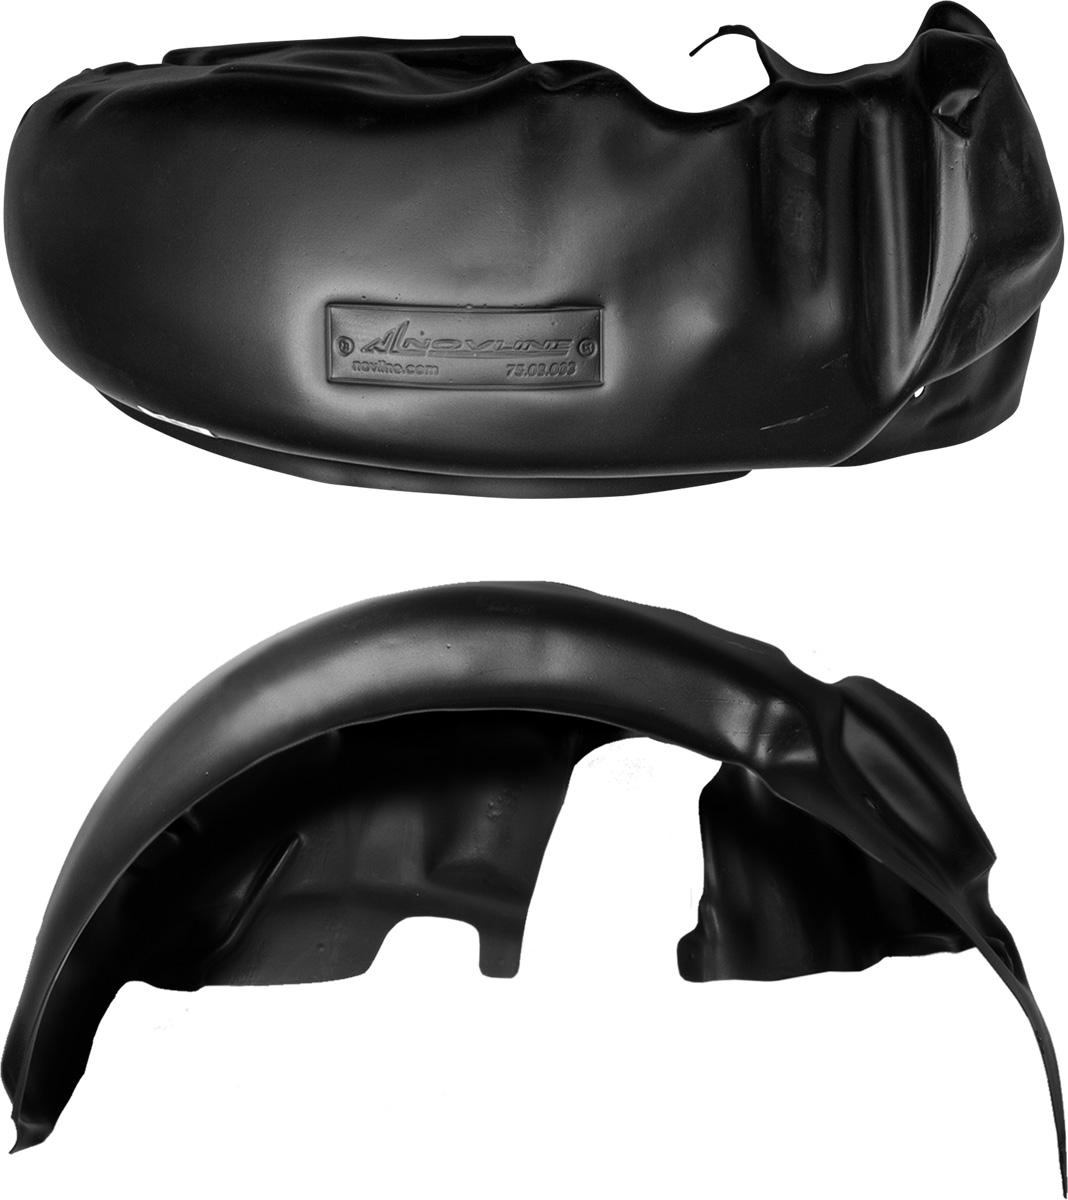 Подкрылок Novline-Autofamily, для FORD Kuga, 2013-, задний левый1004900000360Колесные ниши - одни из самых уязвимых зон днища вашего автомобиля. Они постоянно подвергаются воздействию со стороны дороги. Лучшая, почти абсолютная защита для них - специально отформованные пластиковые кожухи, которые называются подкрылками. Производятся они как для отечественных моделей автомобилей, так и для иномарок. Подкрылки Novline-Autofamily выполнены из высококачественного, экологически чистого пластика. Обеспечивают надежную защиту кузова автомобиля от пескоструйного эффекта и негативного влияния, агрессивных антигололедных реагентов. Пластик обладает более низкой теплопроводностью, чем металл, поэтому в зимний период эксплуатации использование пластиковых подкрылков позволяет лучше защитить колесные ниши от налипания снега и образования наледи. Оригинальность конструкции подчеркивает элегантность автомобиля, бережно защищает нанесенное на днище кузова антикоррозийное покрытие и позволяет осуществить крепление подкрылков внутри колесной арки практически без дополнительного крепежа и сверления, не нарушая при этом лакокрасочного покрытия, что предотвращает возникновение новых очагов коррозии. Подкрылки долговечны, обладают высокой прочностью и сохраняют заданную форму, а также все свои физико-механические характеристики в самых тяжелых климатических условиях (от -50°С до +50°С).Уважаемые клиенты!Обращаем ваше внимание, на тот факт, что подкрылок имеет форму, соответствующую модели данного автомобиля. Фото служит для визуального восприятия товара.